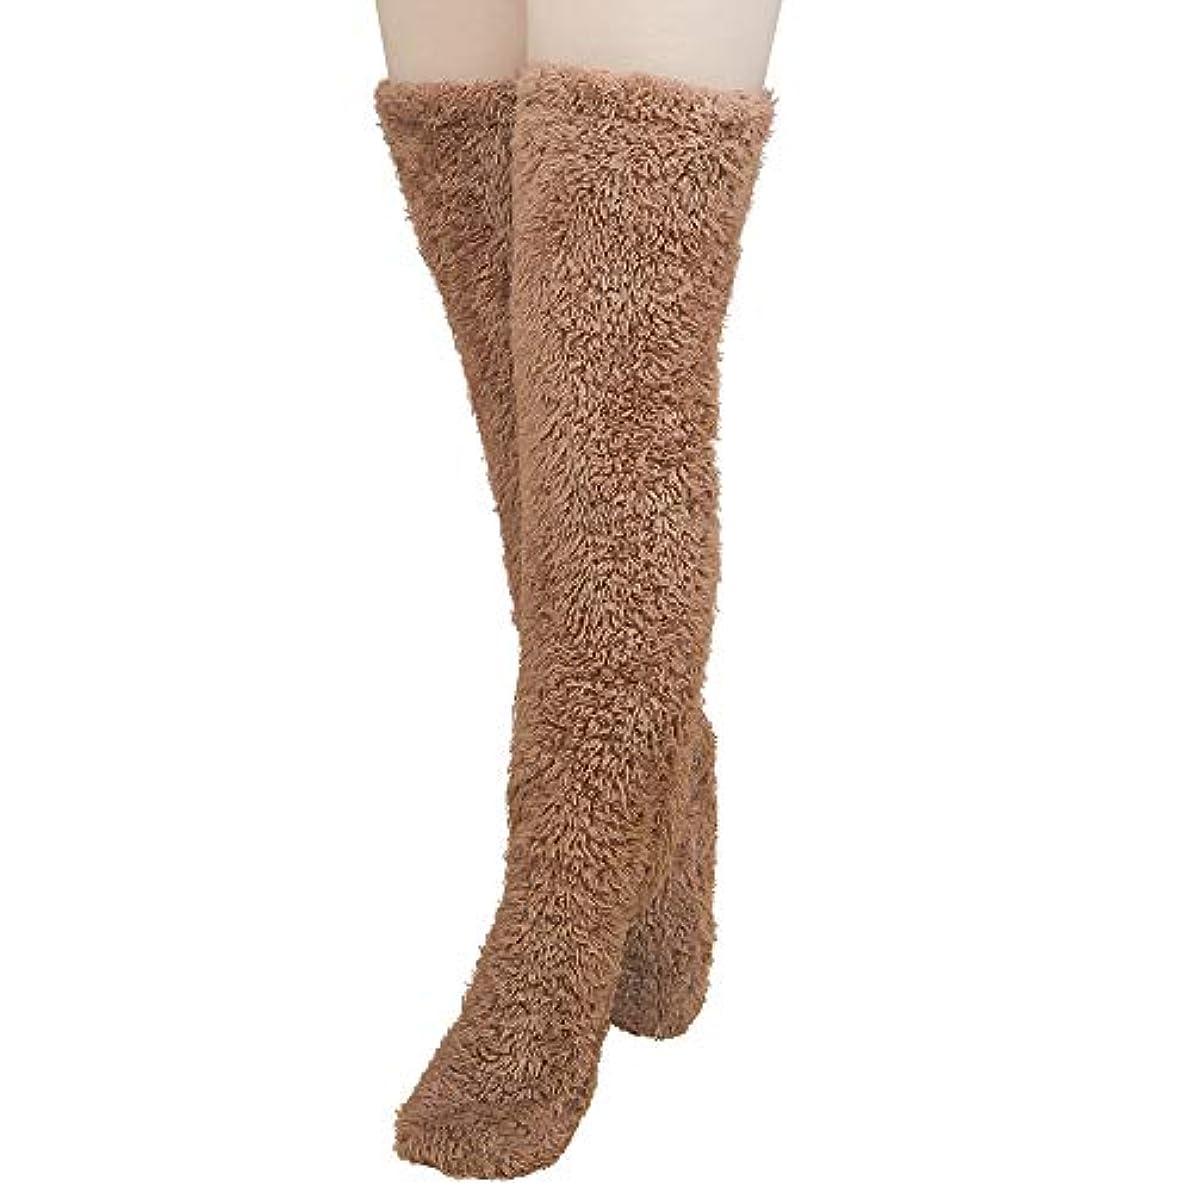 バッテリーラッシュキャンドルMiuko 足が出せるロングカバー 極暖 レッグウォーマー ふわふわ靴下 ロングソックス 冷えとり靴下 毛布ソックス 冷え対策 防寒ソックス あったか 超厚手 男女兼用